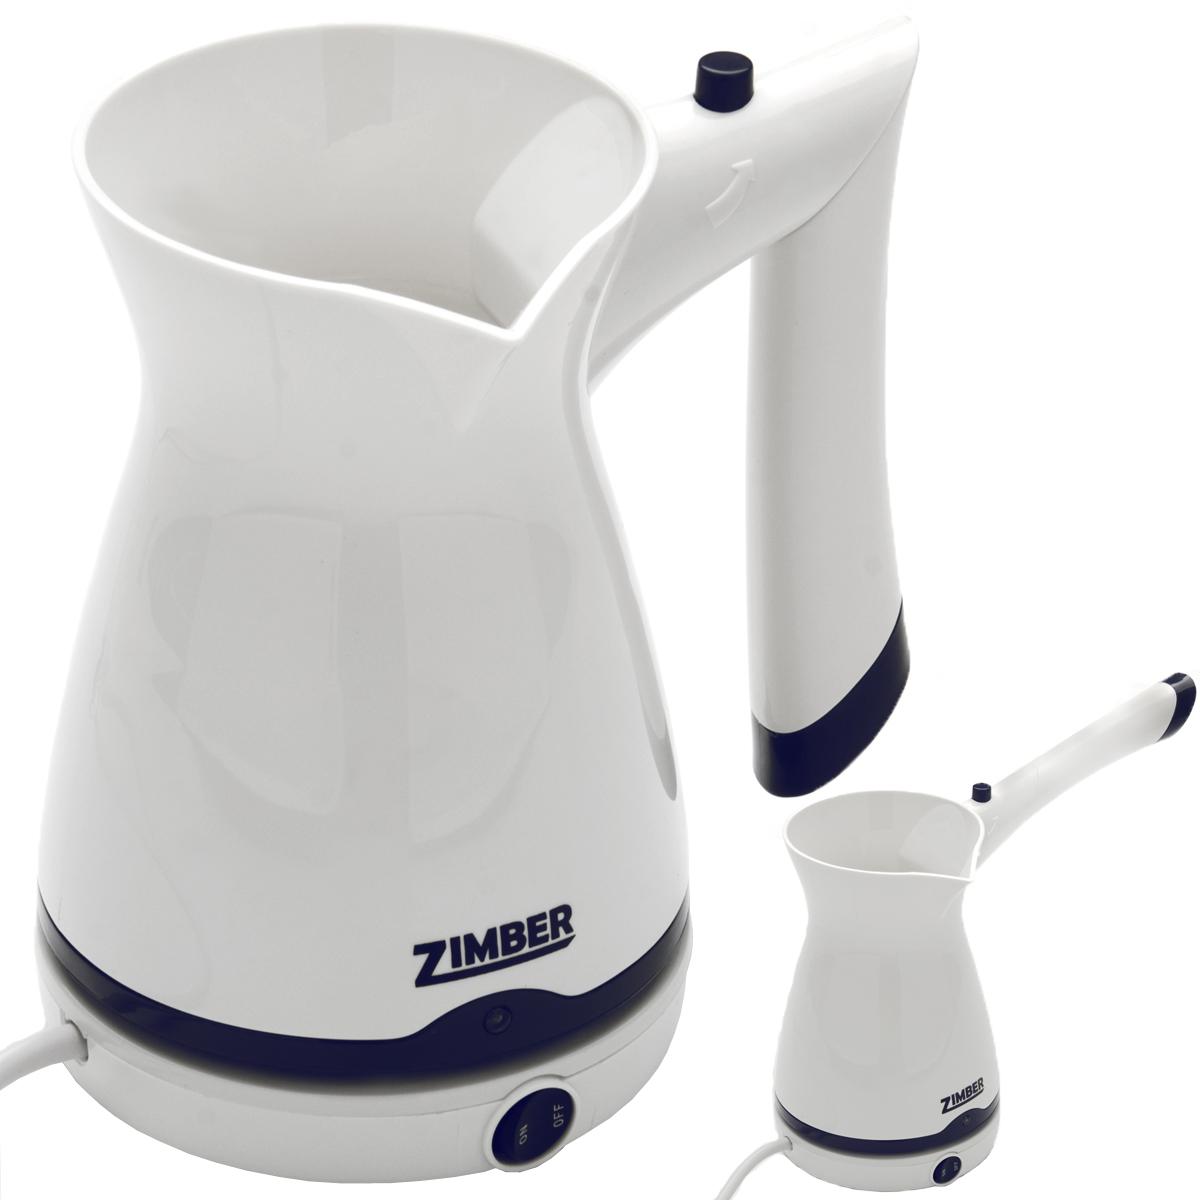 Zimber ZM-10866 кофеваркаZM-10866Электротурка Zimber ZM-10866 позволит вам приготовить вкусный натуральный кофе. Вы сможете заварить его в электрической турке-кофеварке. Нагревательный элемент сделан из высококачественной нержавеющей стали, которая не впитывает запахи и на ней не образуется темный налет. Настоящие ценители кофе обязательно оценят ароматный напиток, который они смогут приготовить своими руками.